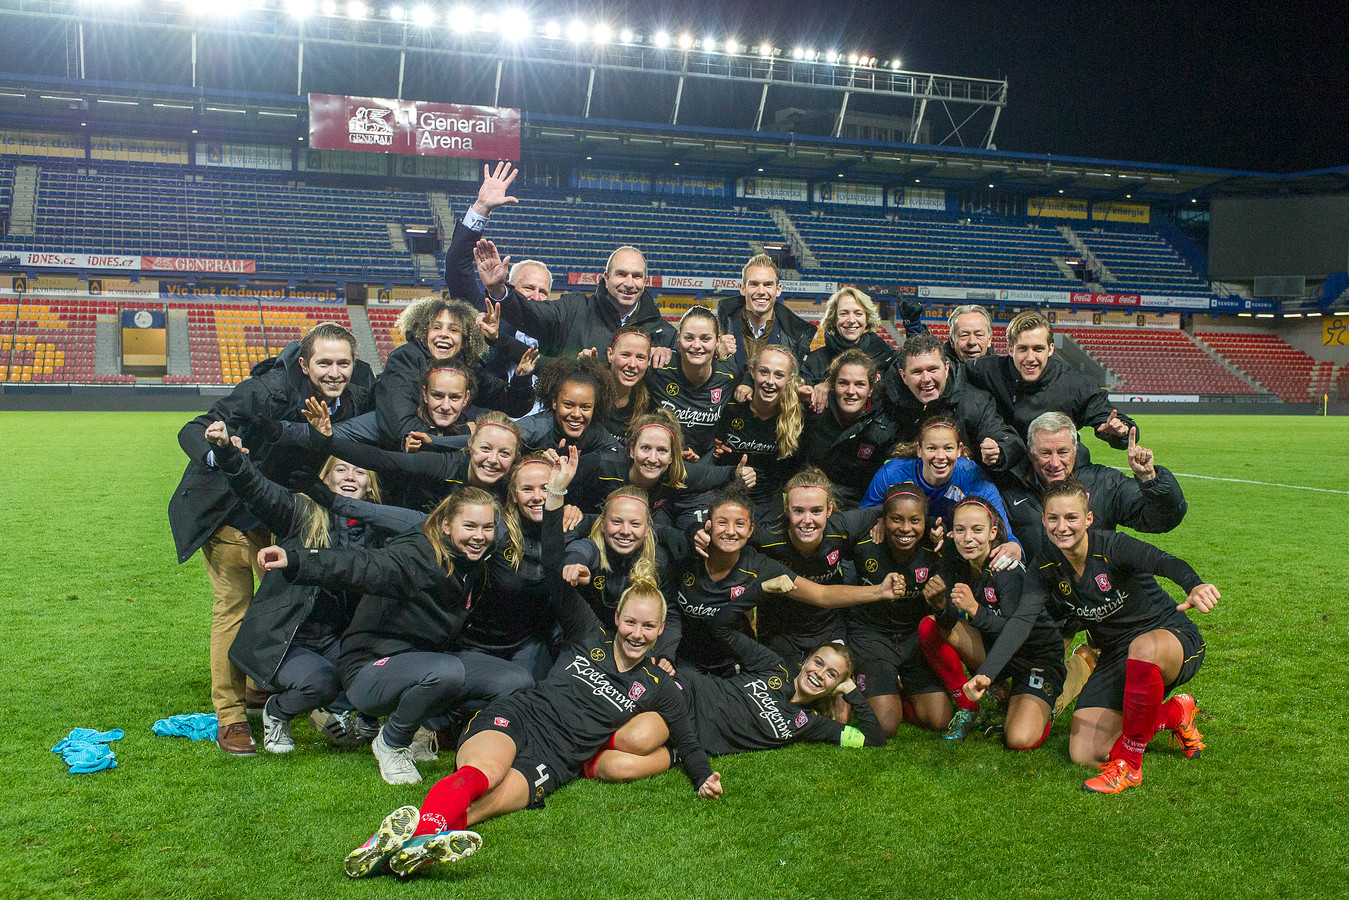 De laatste keer dat FC Twente kon juichen in het hoofdtoernooi was in oktober 2016: een historische 3-1 zege bij Sparta Praag.